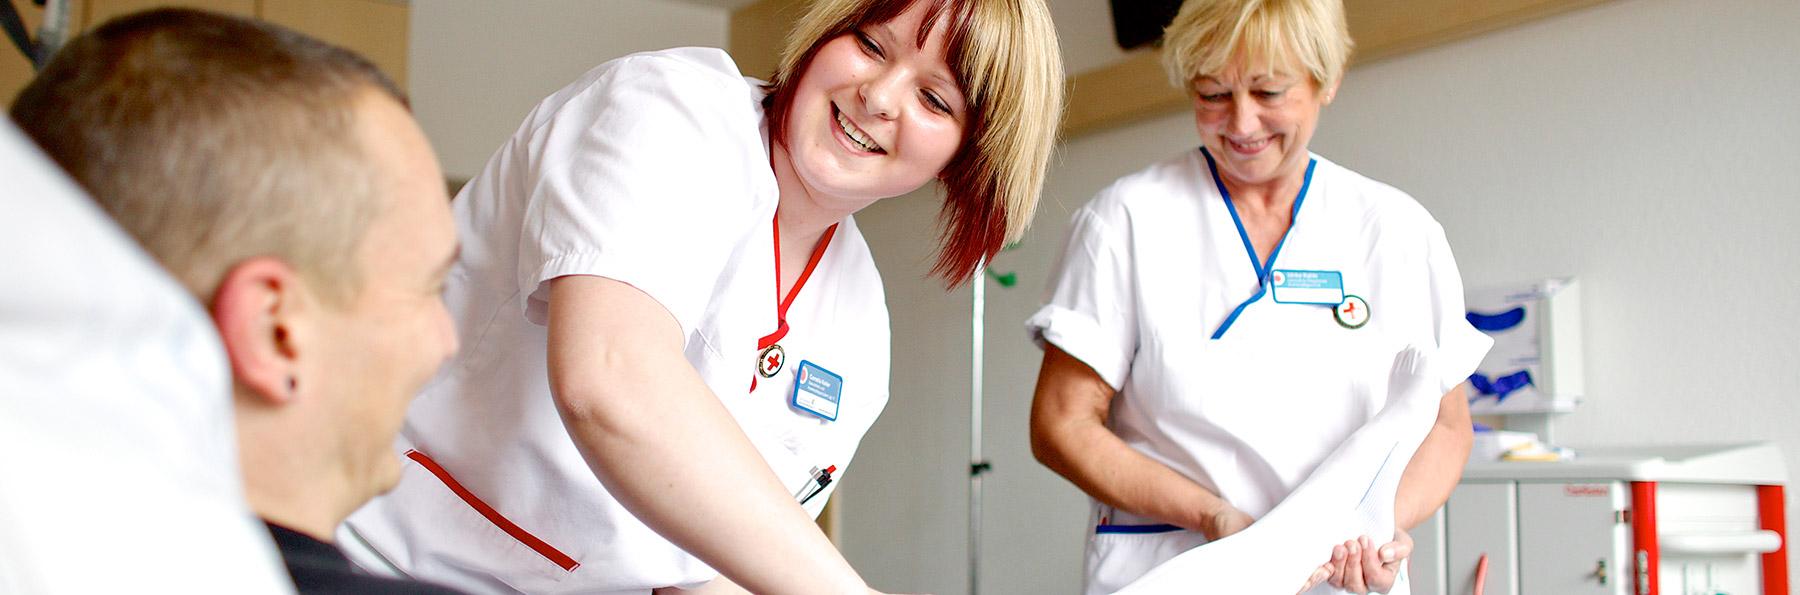 Ausbildung Gesundheits- und Krankenpflege